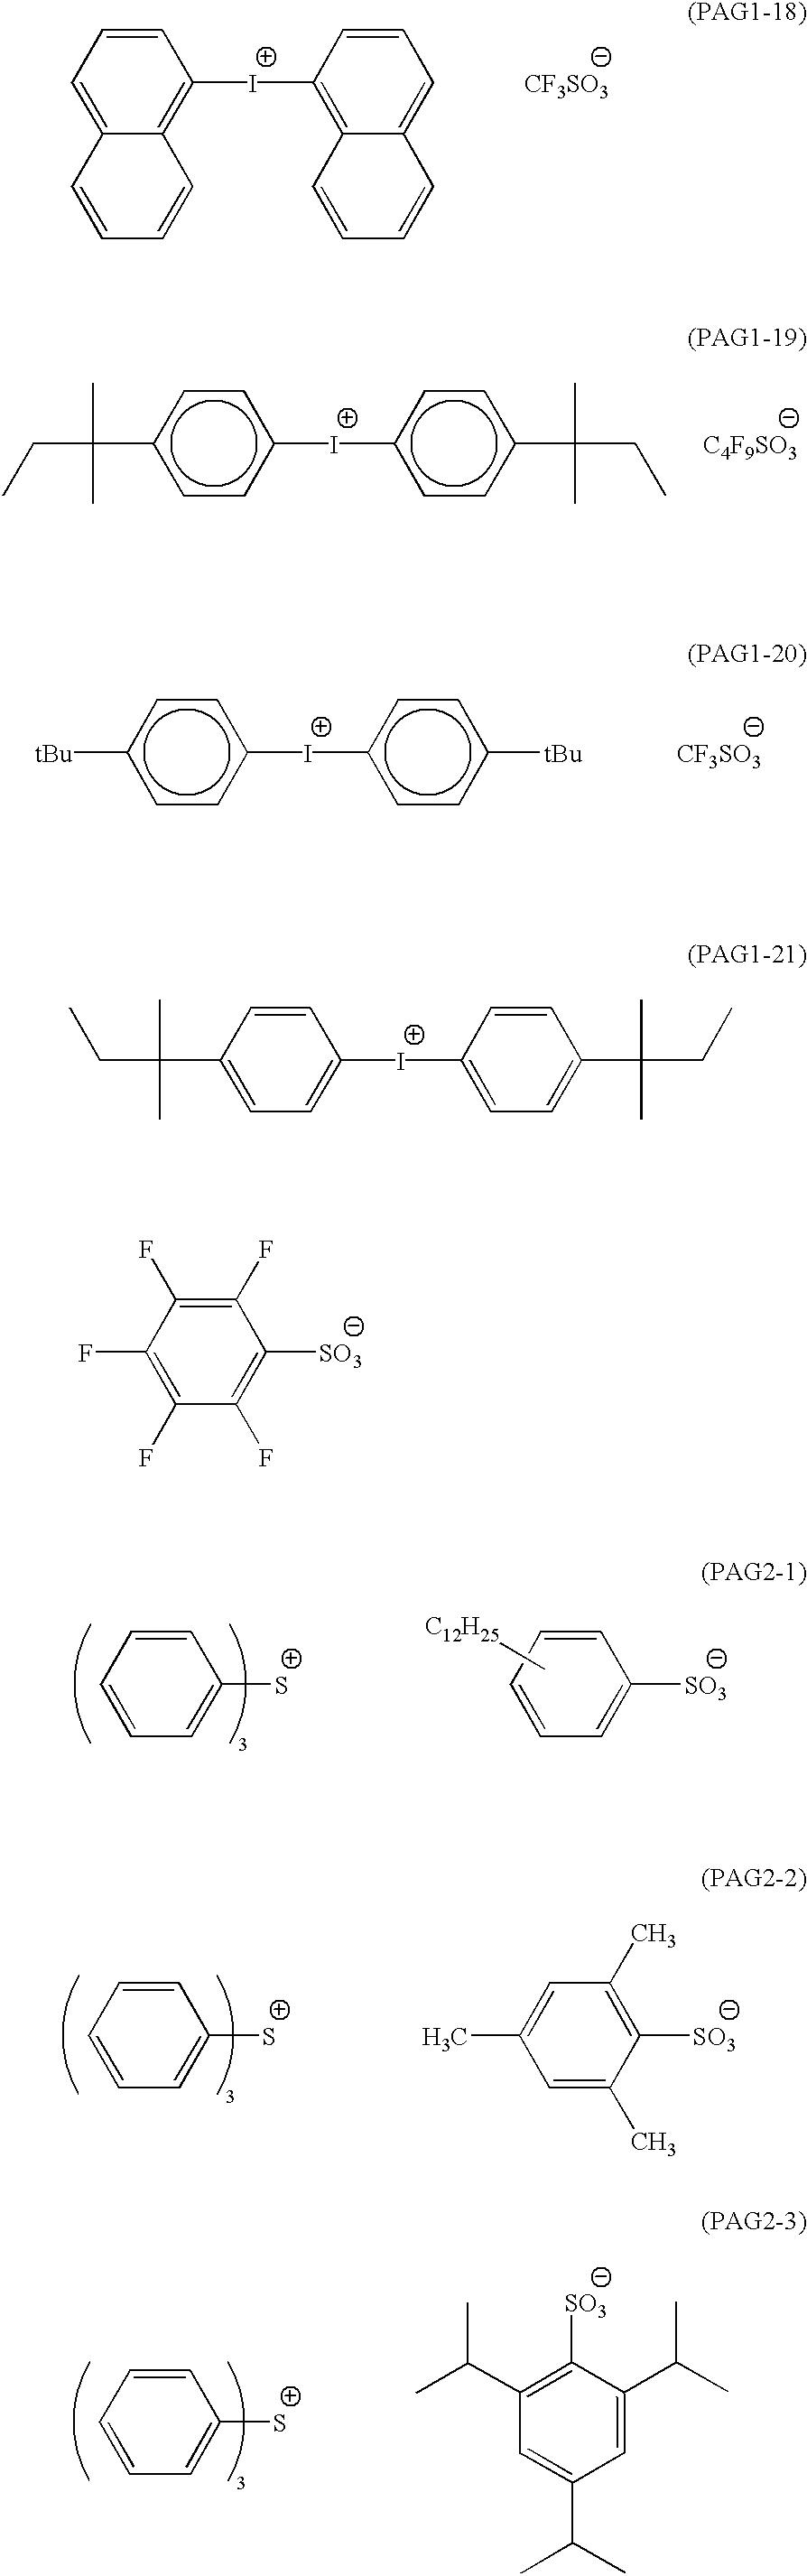 Figure US20030186161A1-20031002-C00005